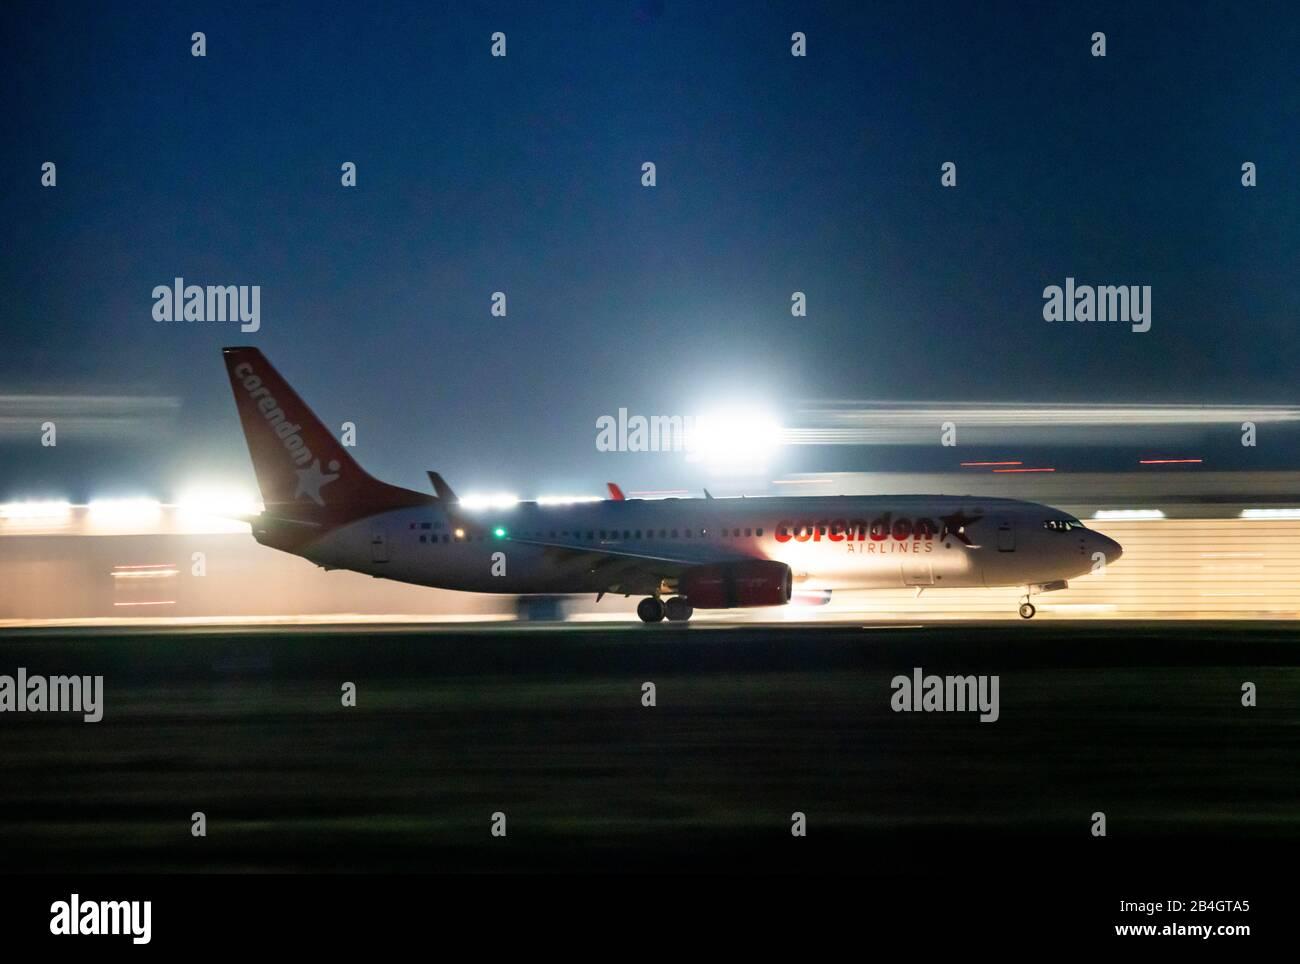 Aéroport international de DŸsseldorf, DUS, avion au décollage, Corendon Airlines, Banque D'Images